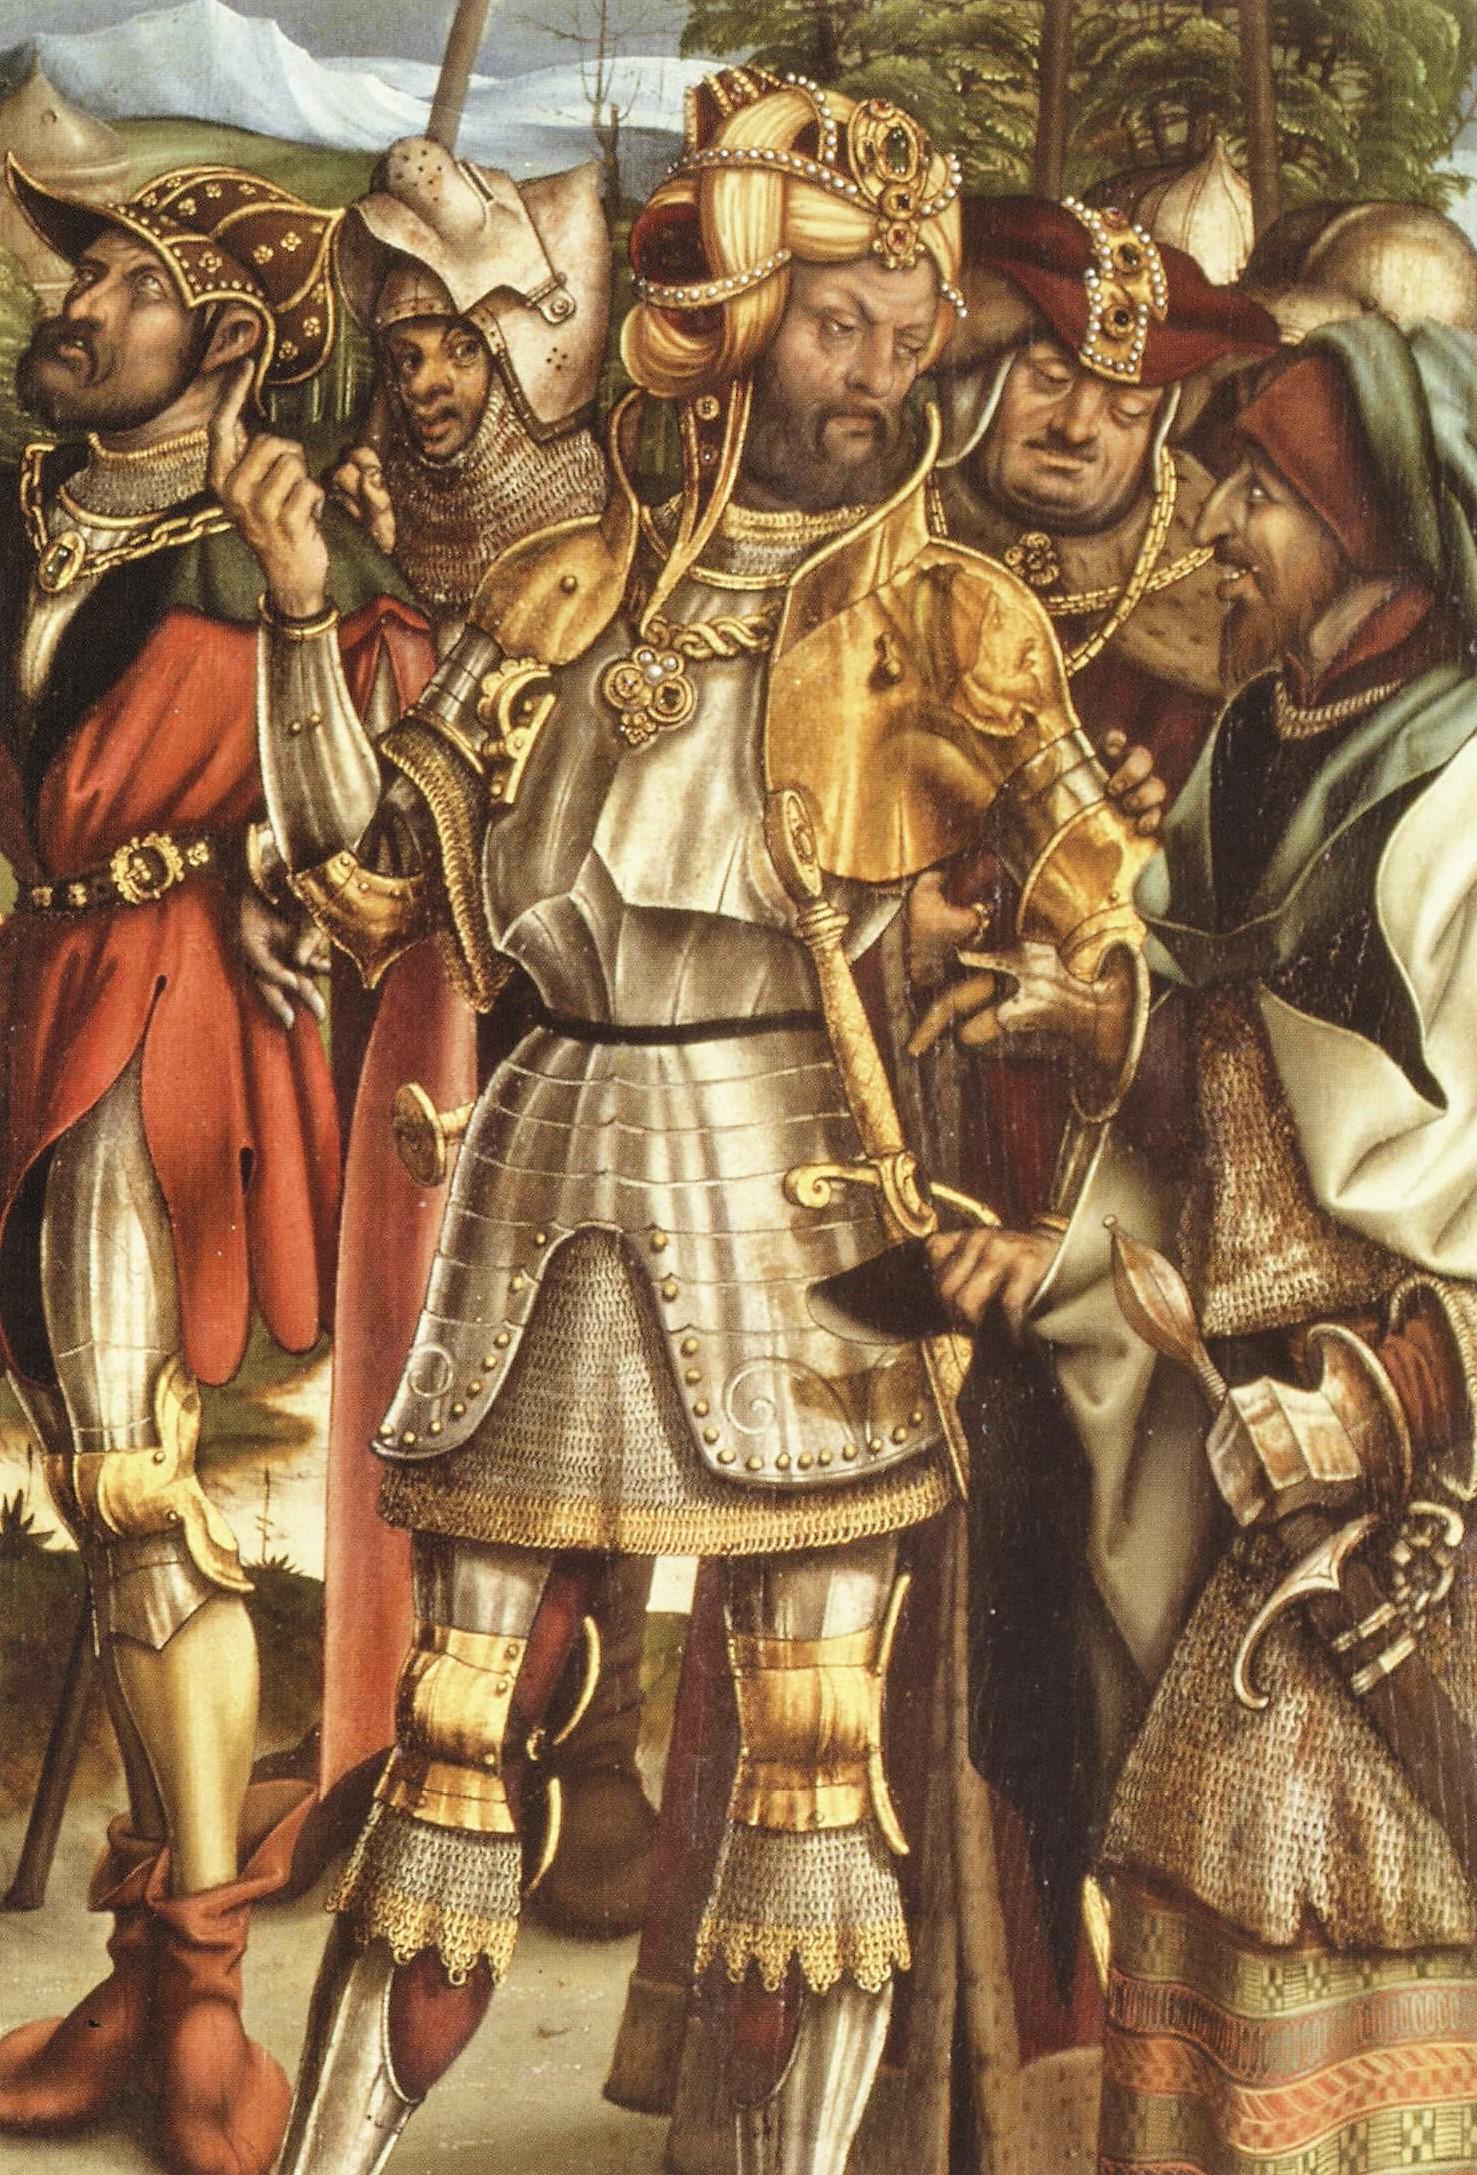 1504, Burgkmair_S. Croce in Gerusalemme, Bayerische Staatsgemaldesammlungen, Augsburg centurion,